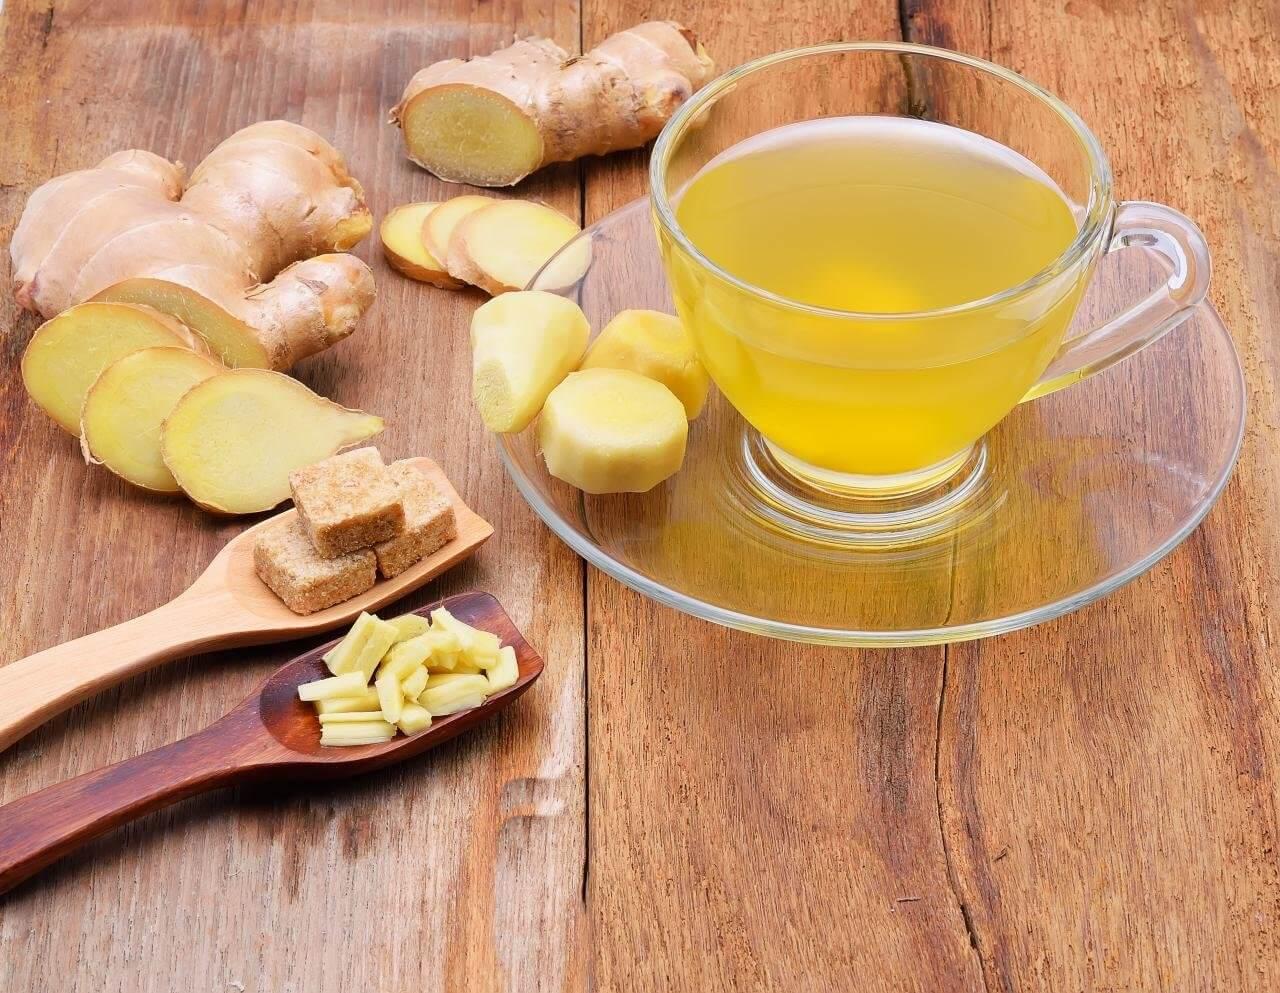 Как употреблять имбирь для похудения: домашние рецепты приготовления - allslim.ru